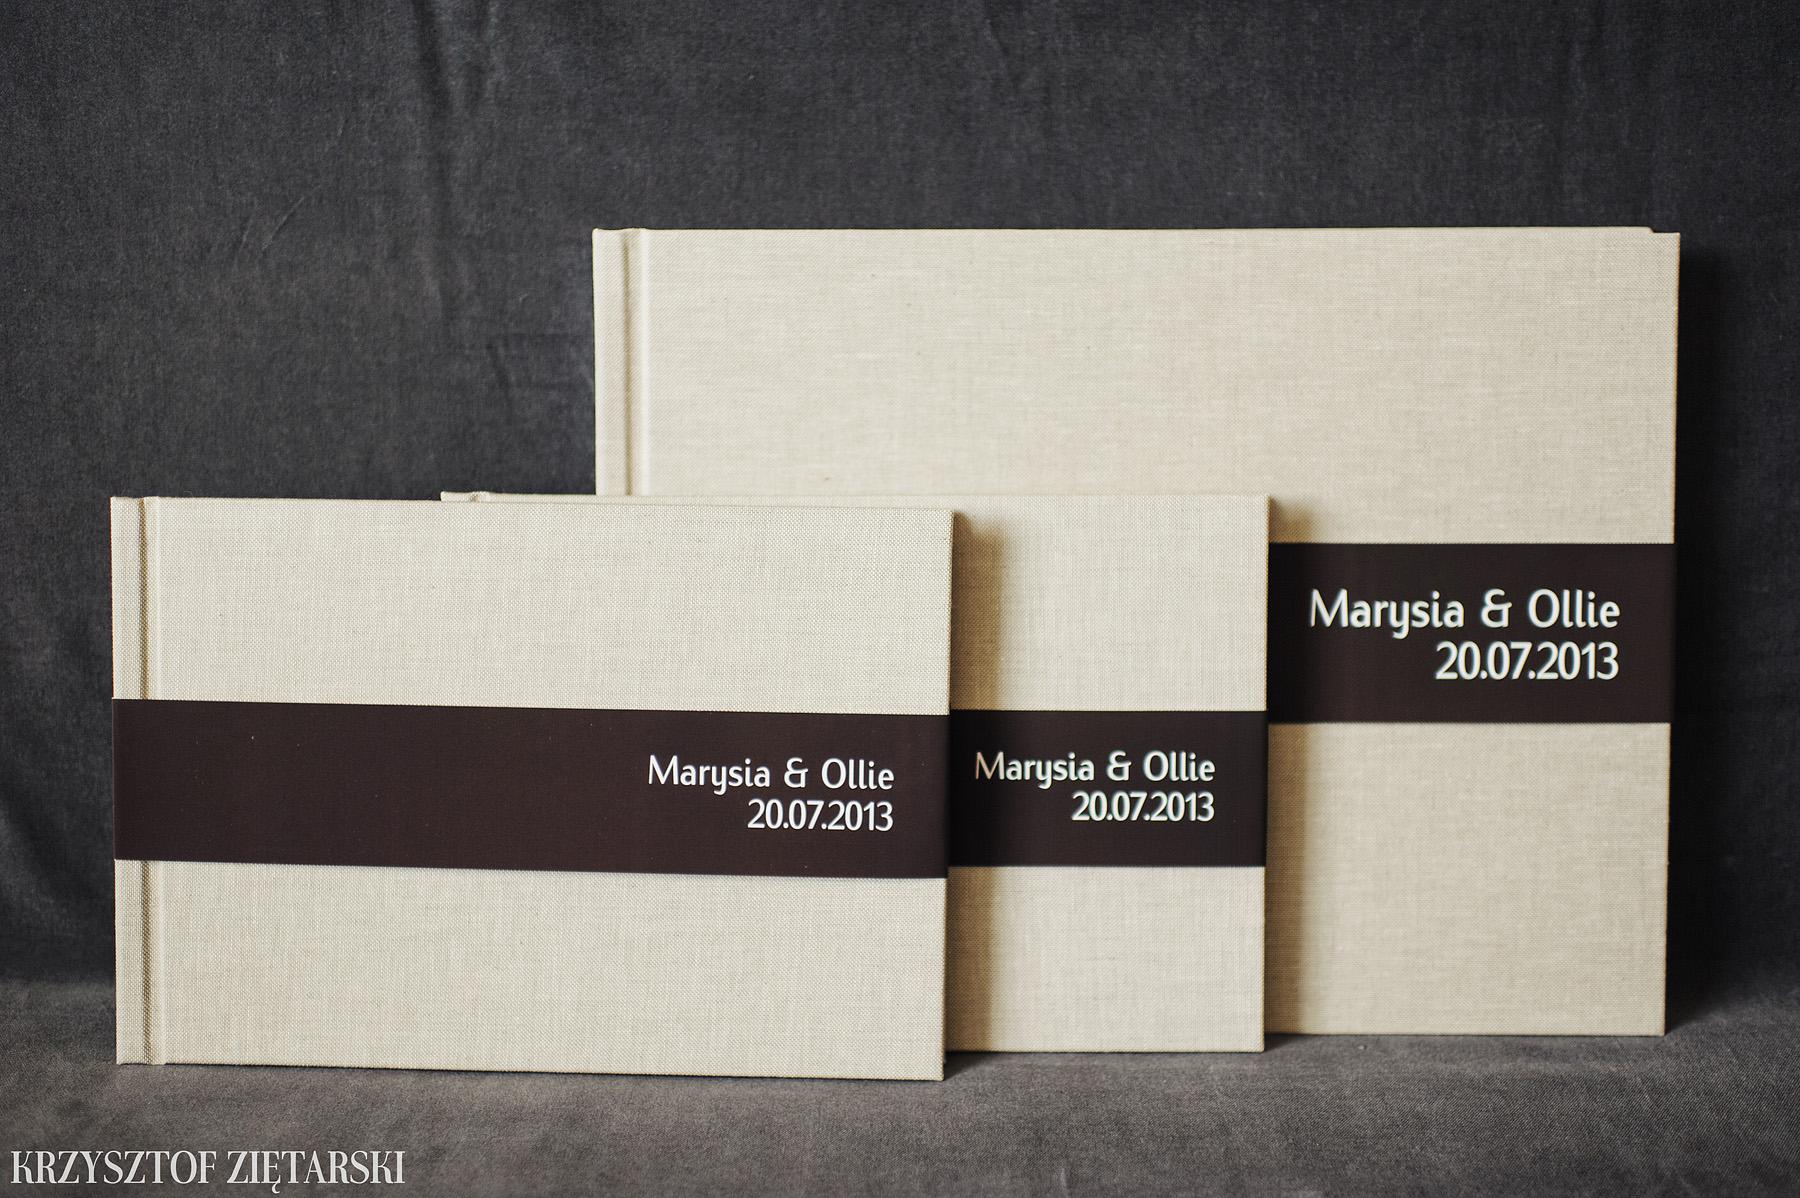 2szt. KrukBook 30x20cm 80 stron + KrukBook 40x30cm, 140 stron na kremowym papierze niepowlekanym 150g/m2, płótno lniane surowe C11, wyklejka prążkowana brązowa 003 i brązowa paskowa obwoluta